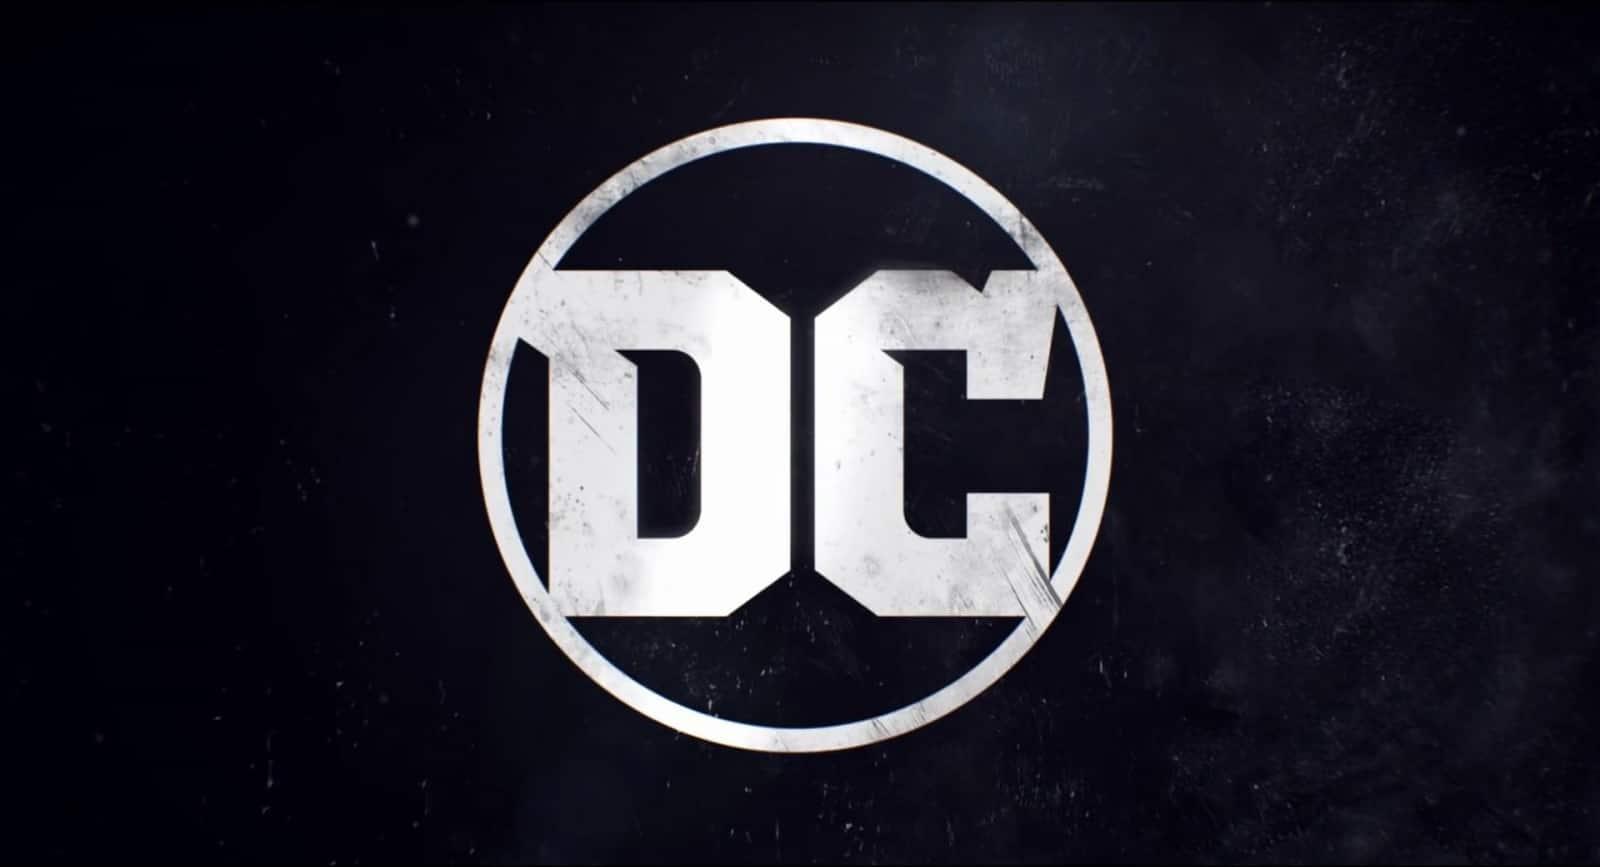 A DC realizará um evento multimídia online 1